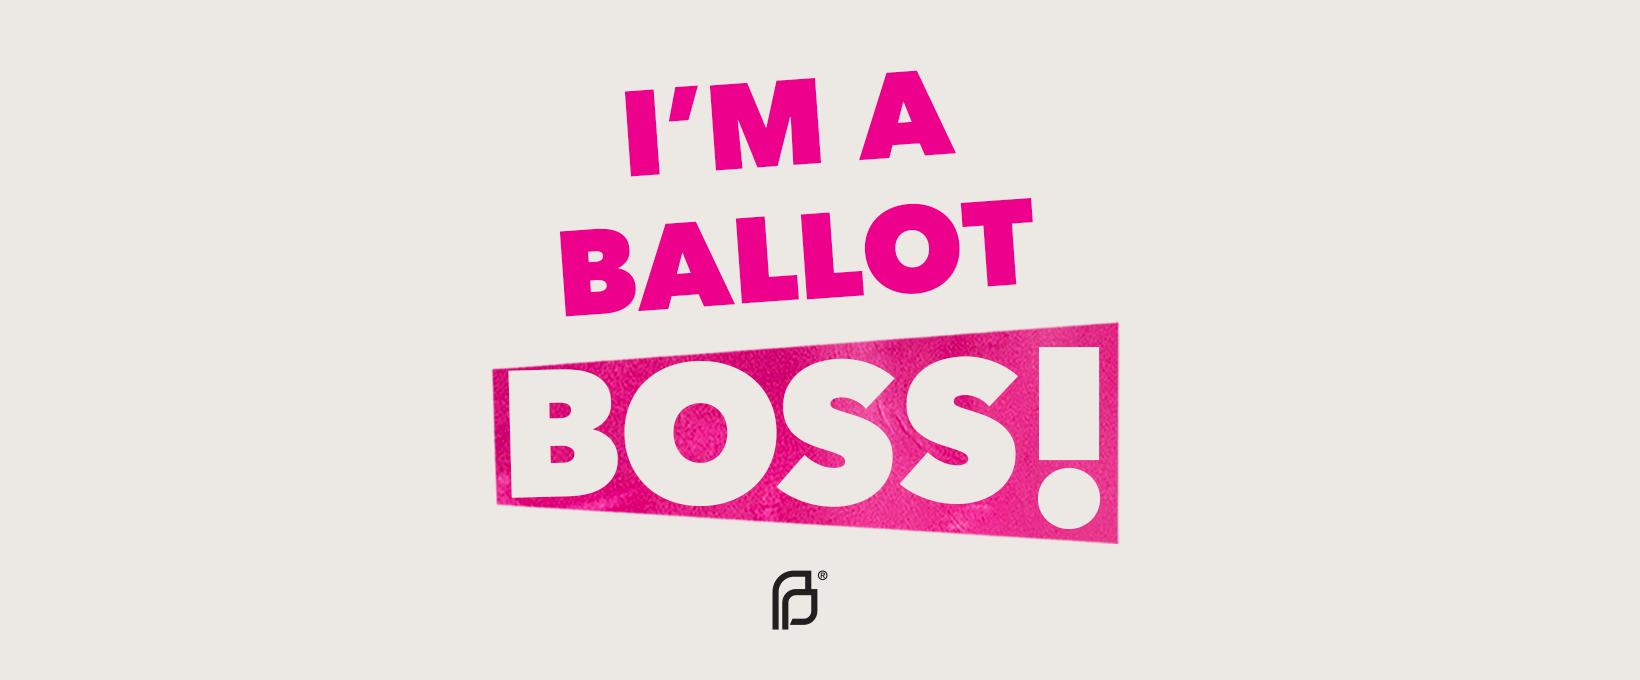 I'm A Ballot Boss!